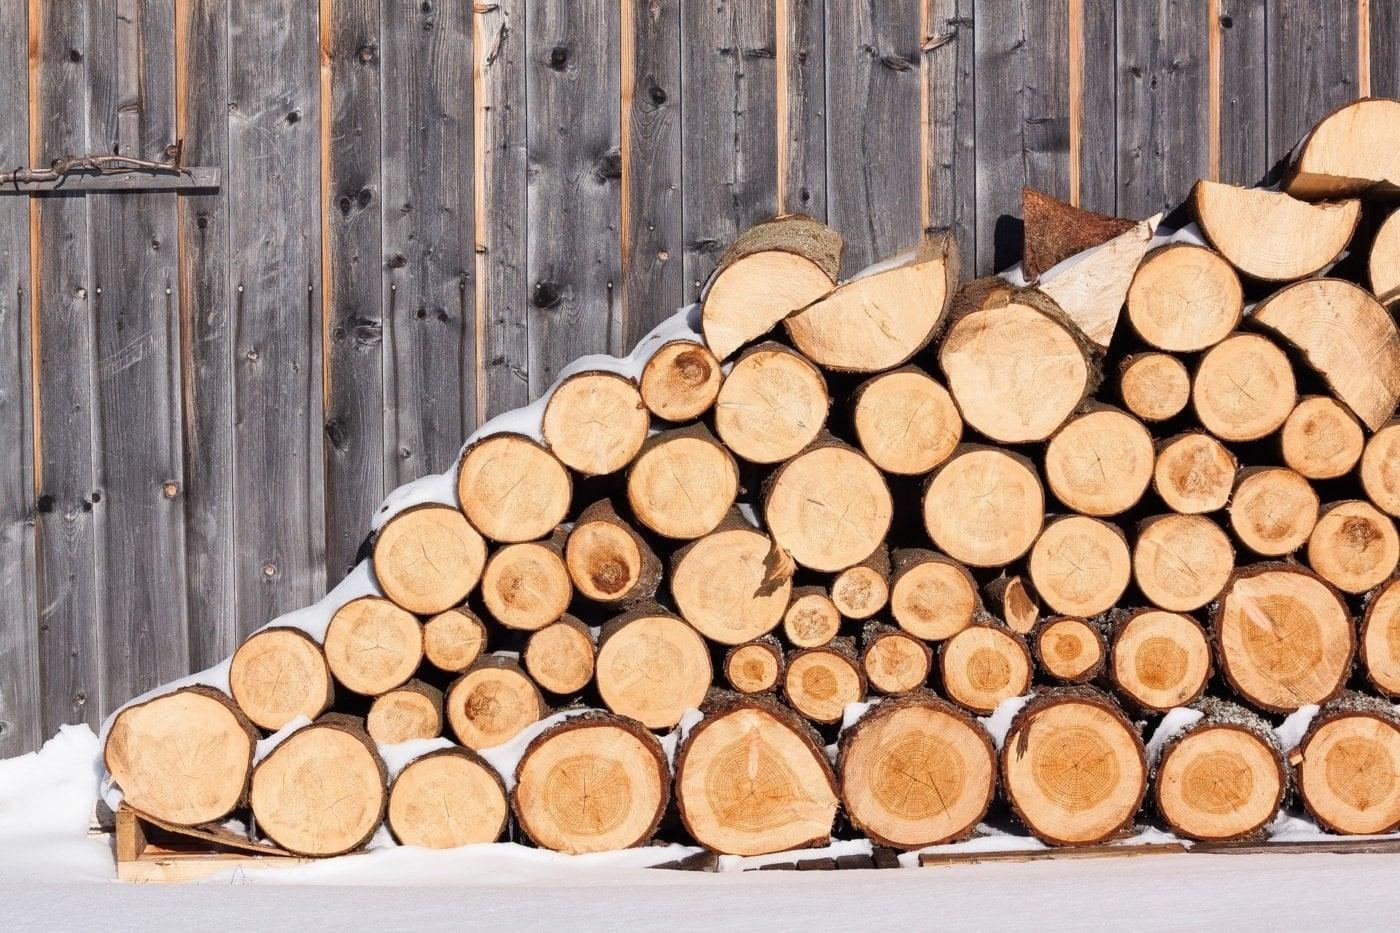 bild anwendungsgebiet gps tracker holz - Von Wildtier bis Diebstahl - so schützen Sie Ihre Holzbestände